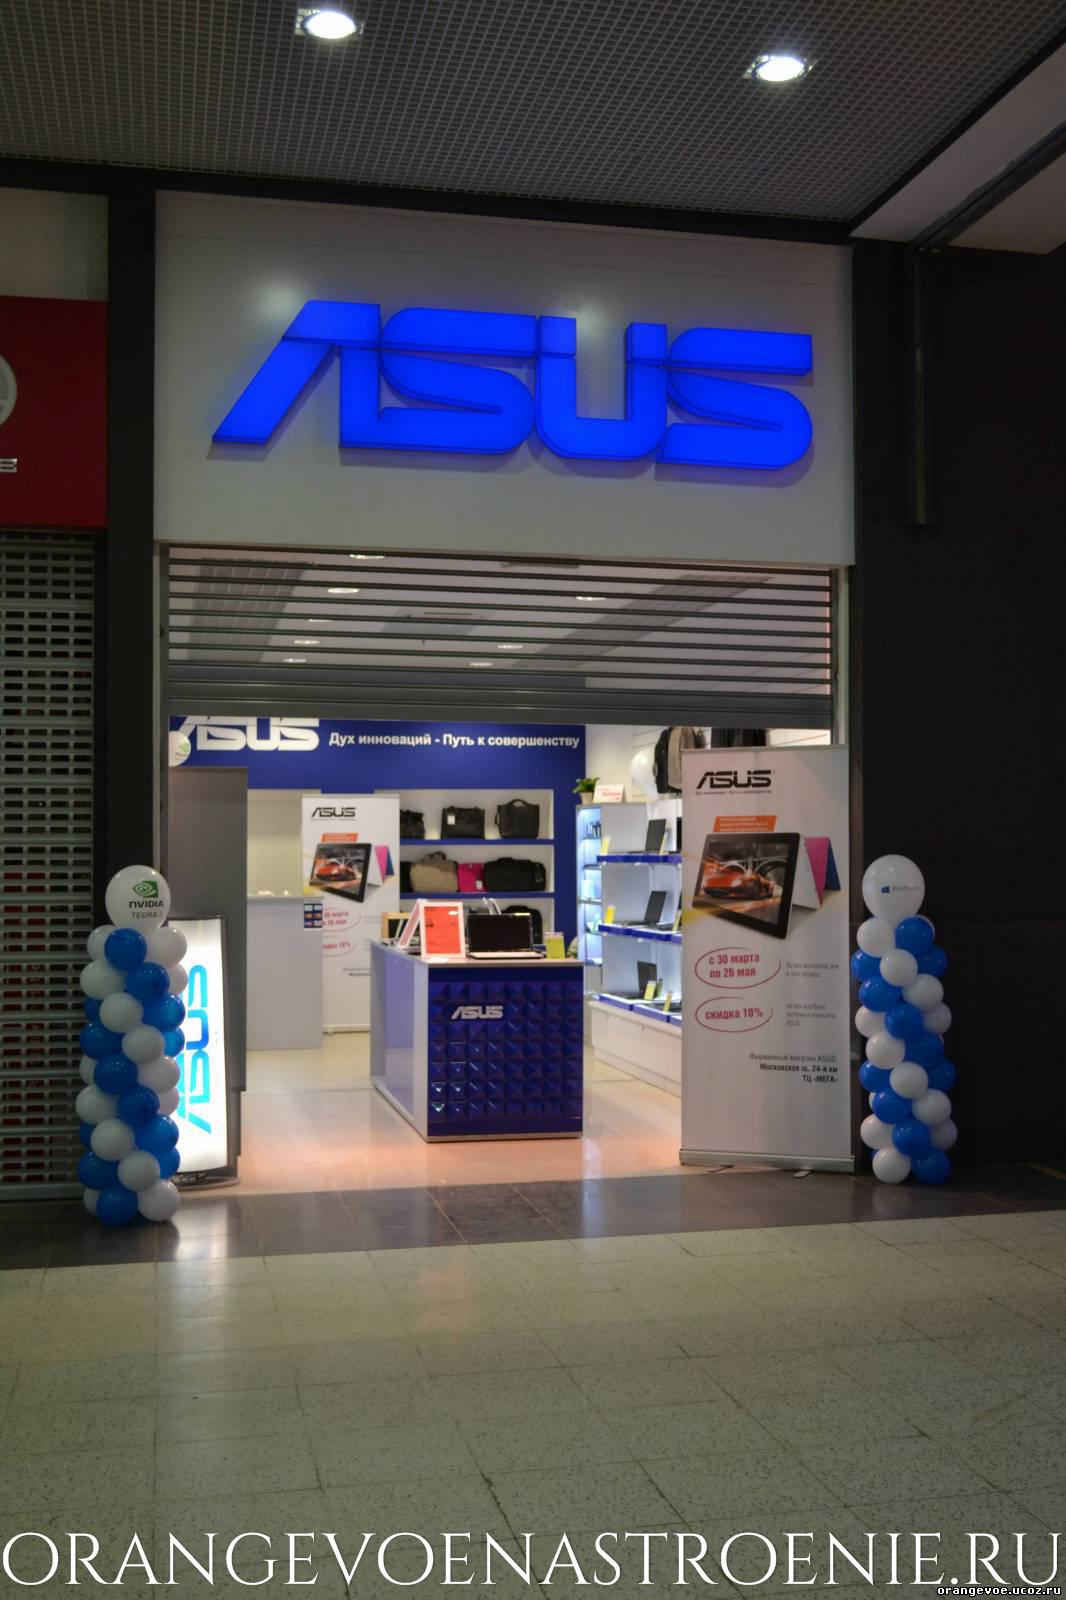 """Организация промо акции для """"Asus"""" Самара. Шары от """"Оранжевое настроение"""""""